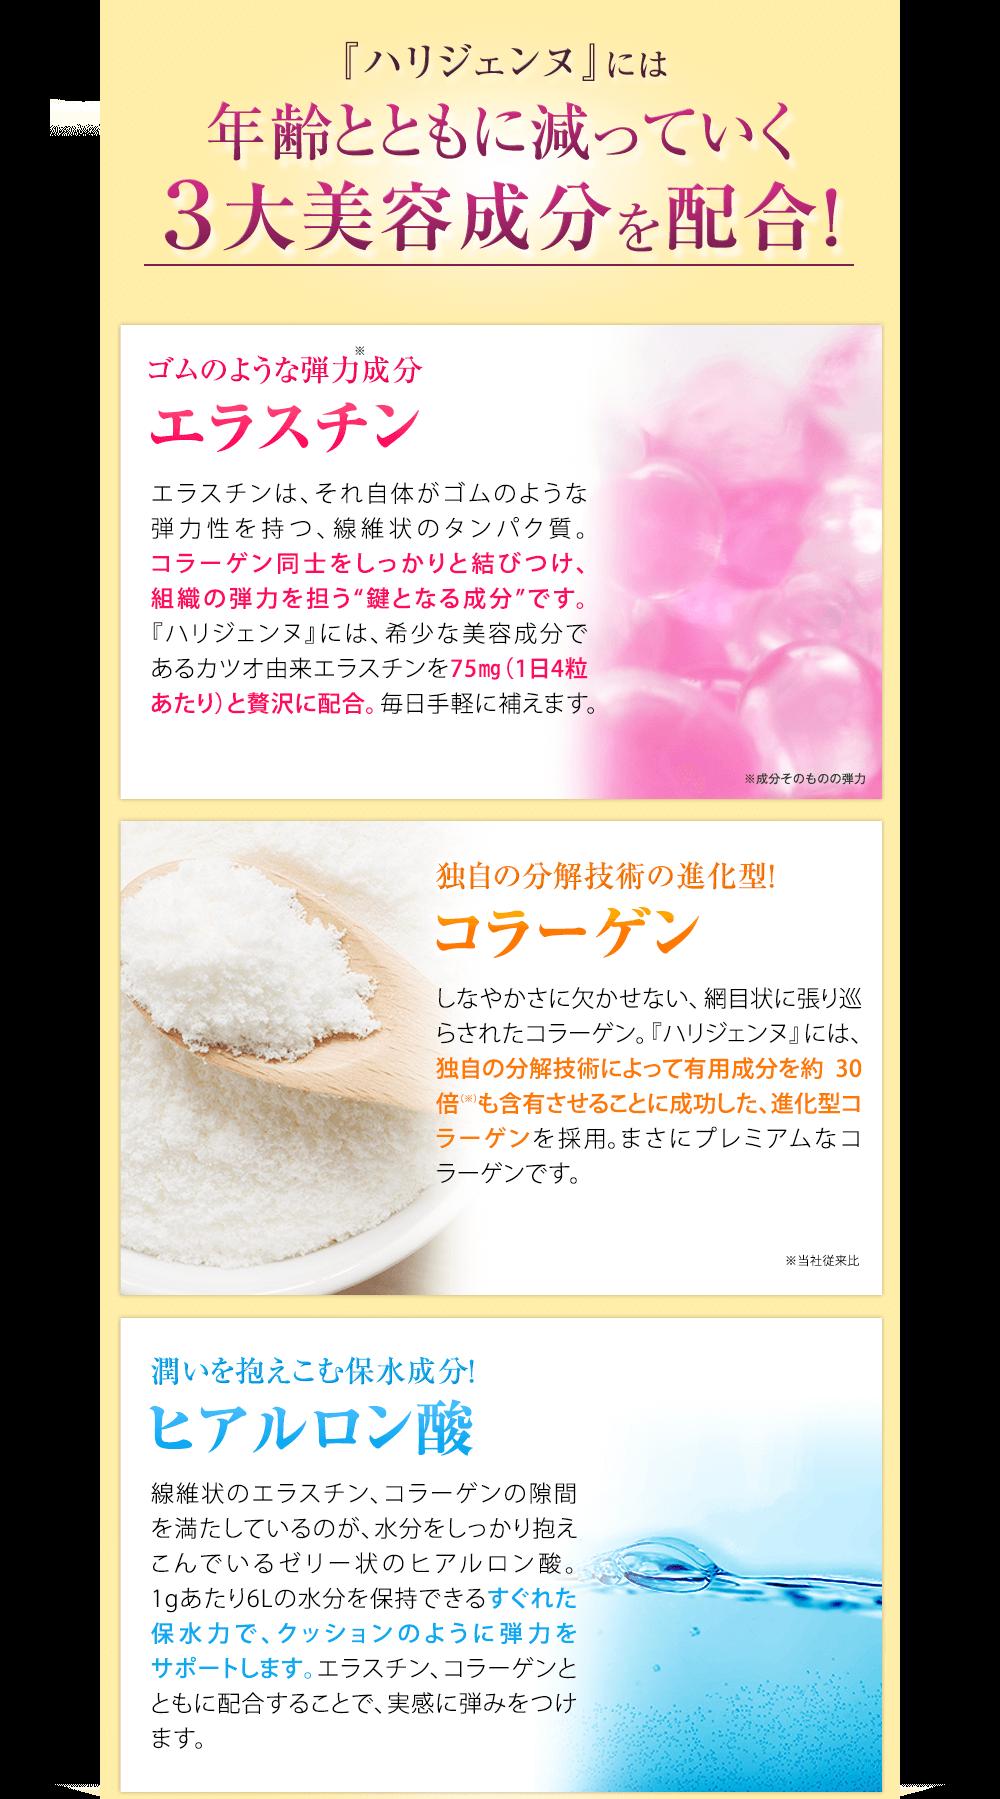 年齢とともに減っていく3大美容成分を配合。エラスチン、コラーゲン、ヒアルロン酸。